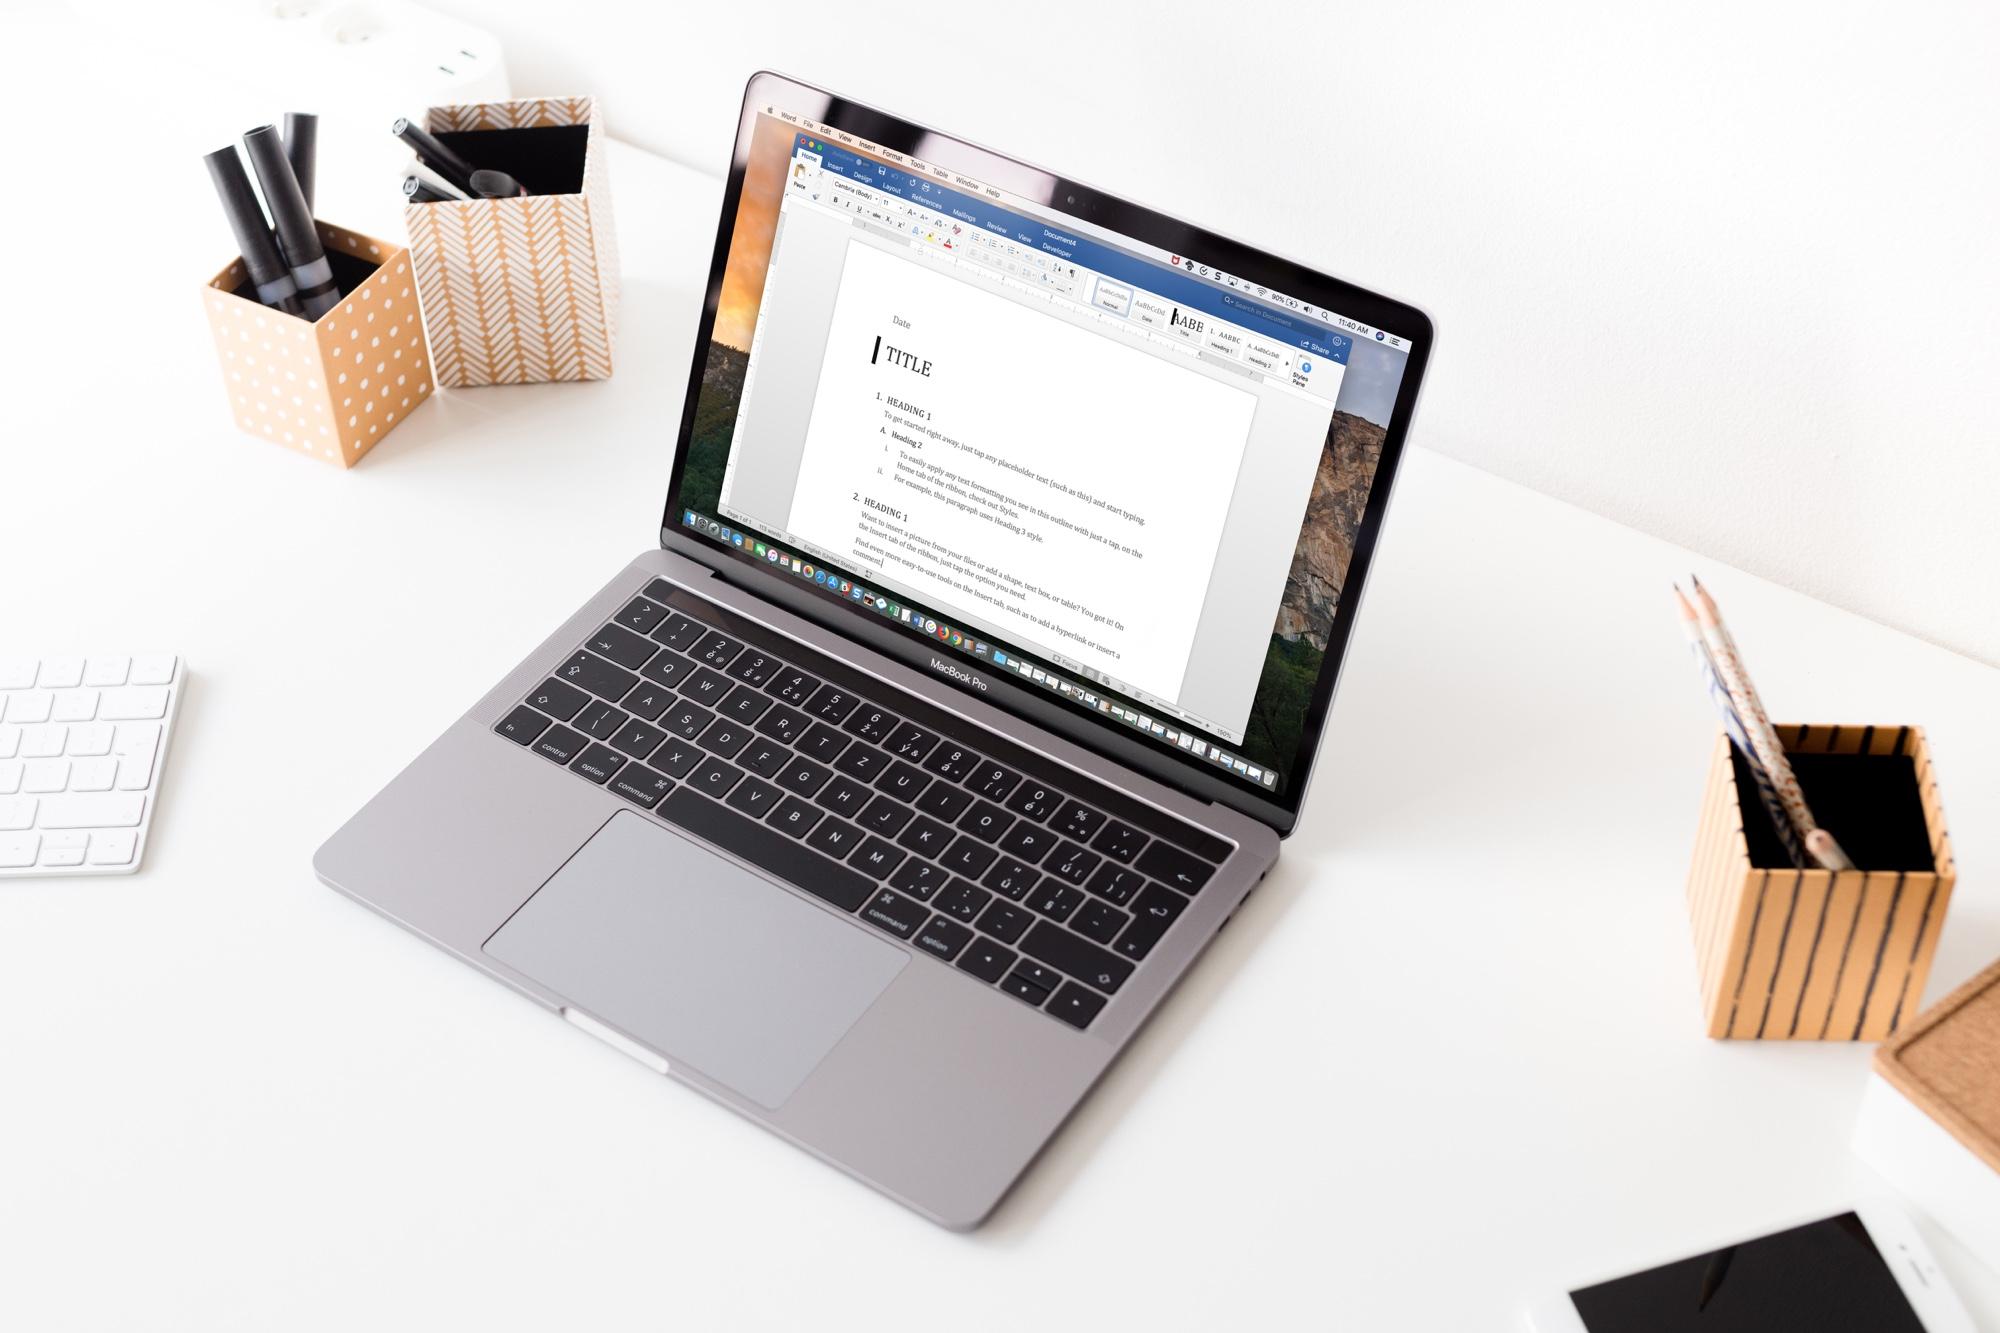 Bezplatné alternativy k Microsoft Office na Macu. Existují?